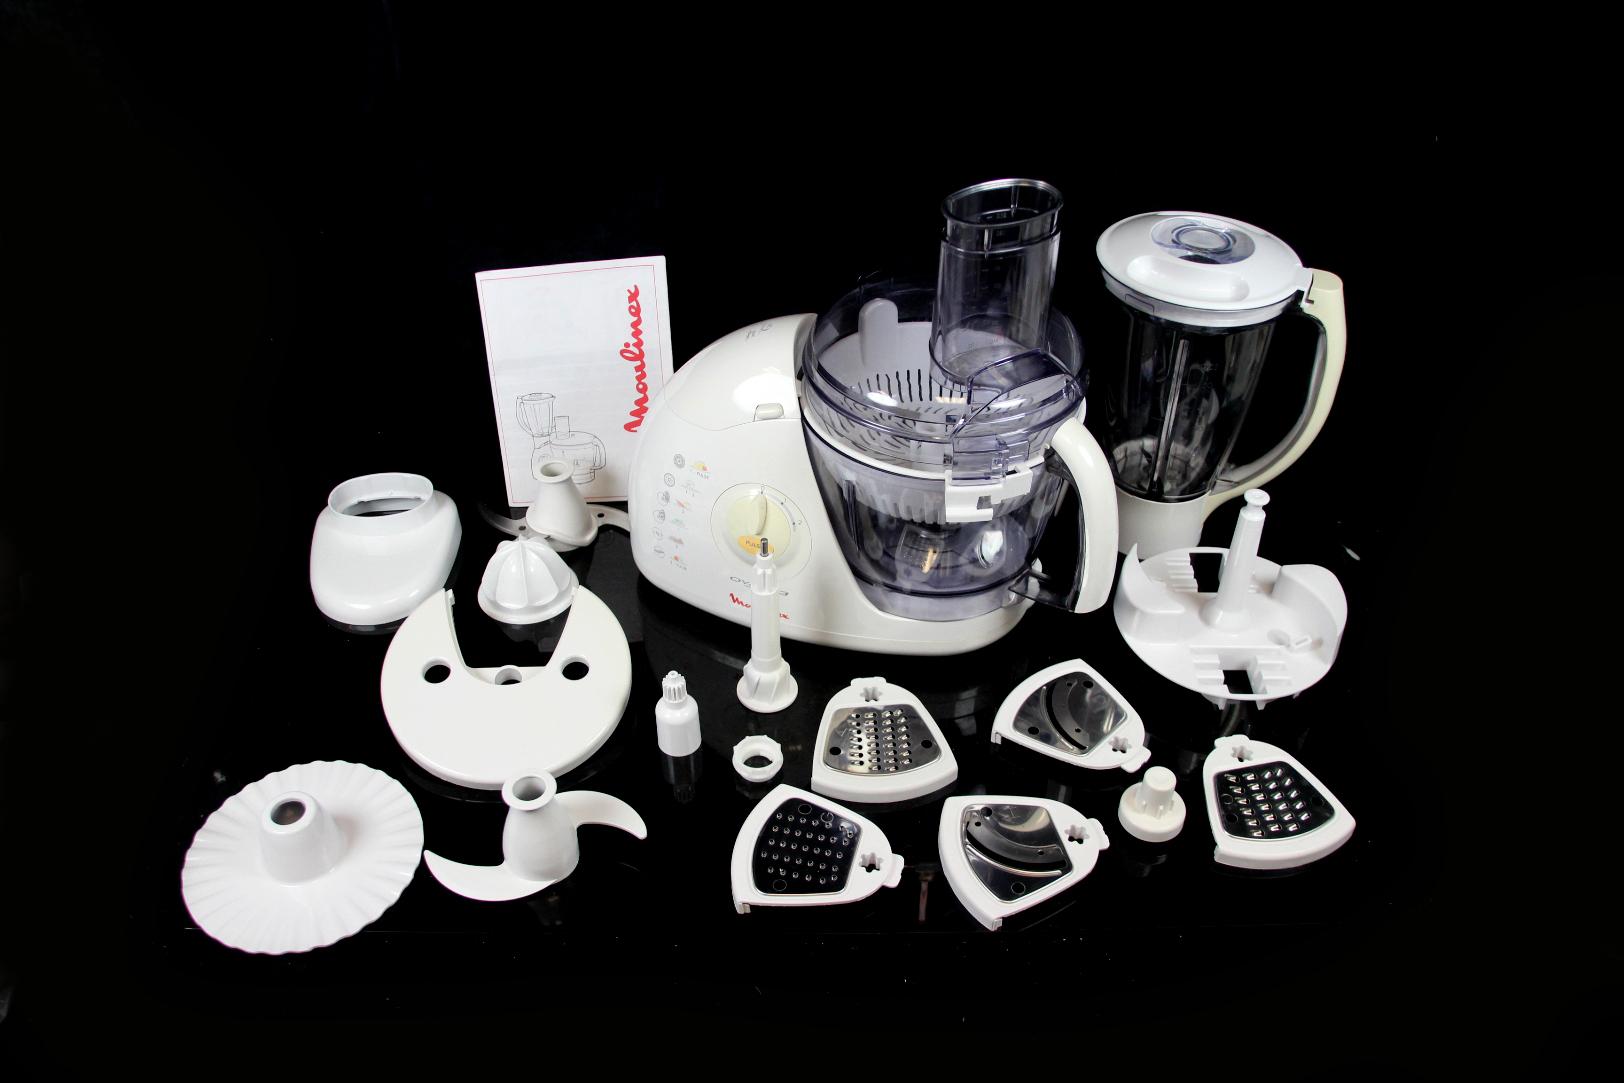 Moulinex Ersatzteile Küchenmaschine 2021